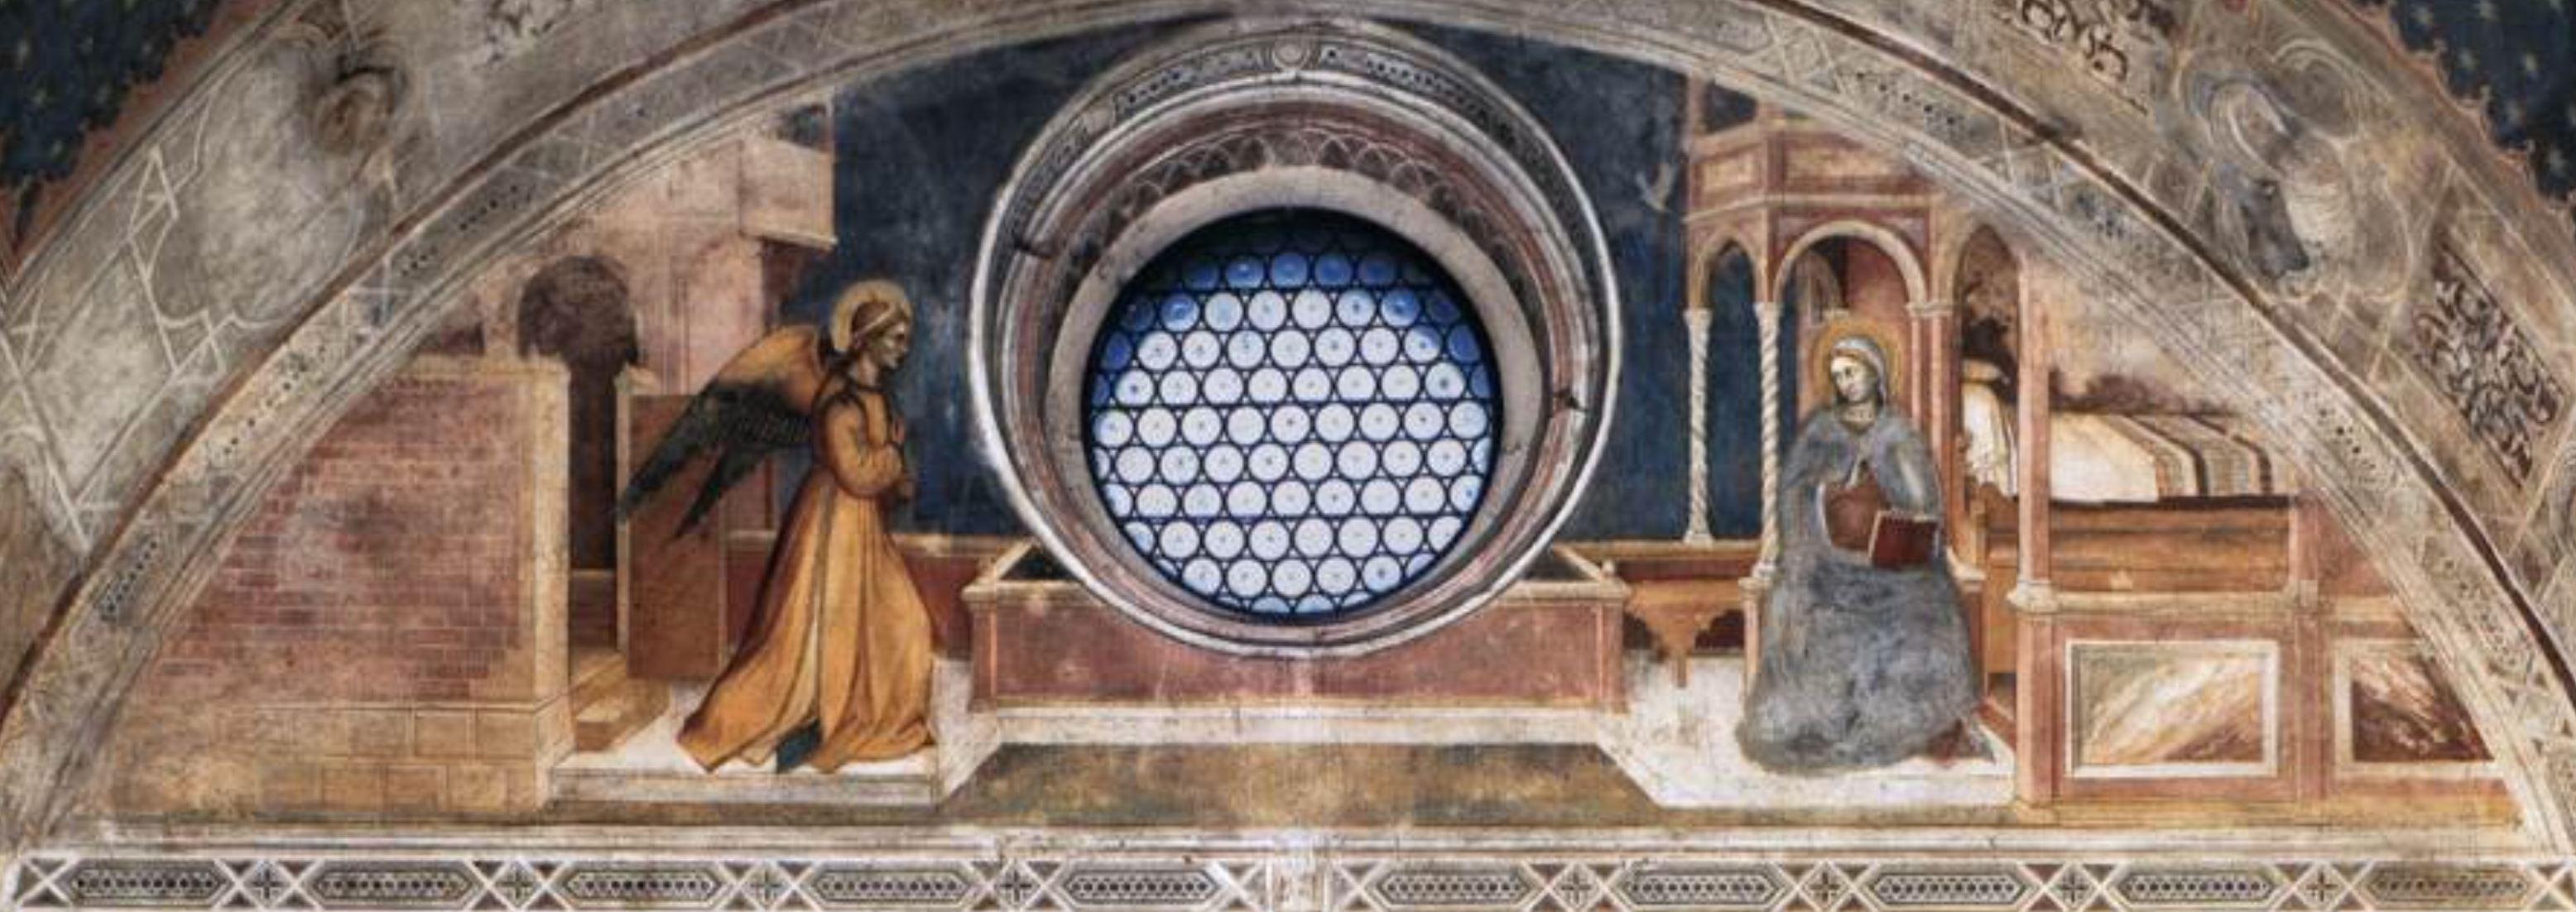 Annonciation 1379-84 Altichiero da Zevio Oratorio di San Giorgio Padova